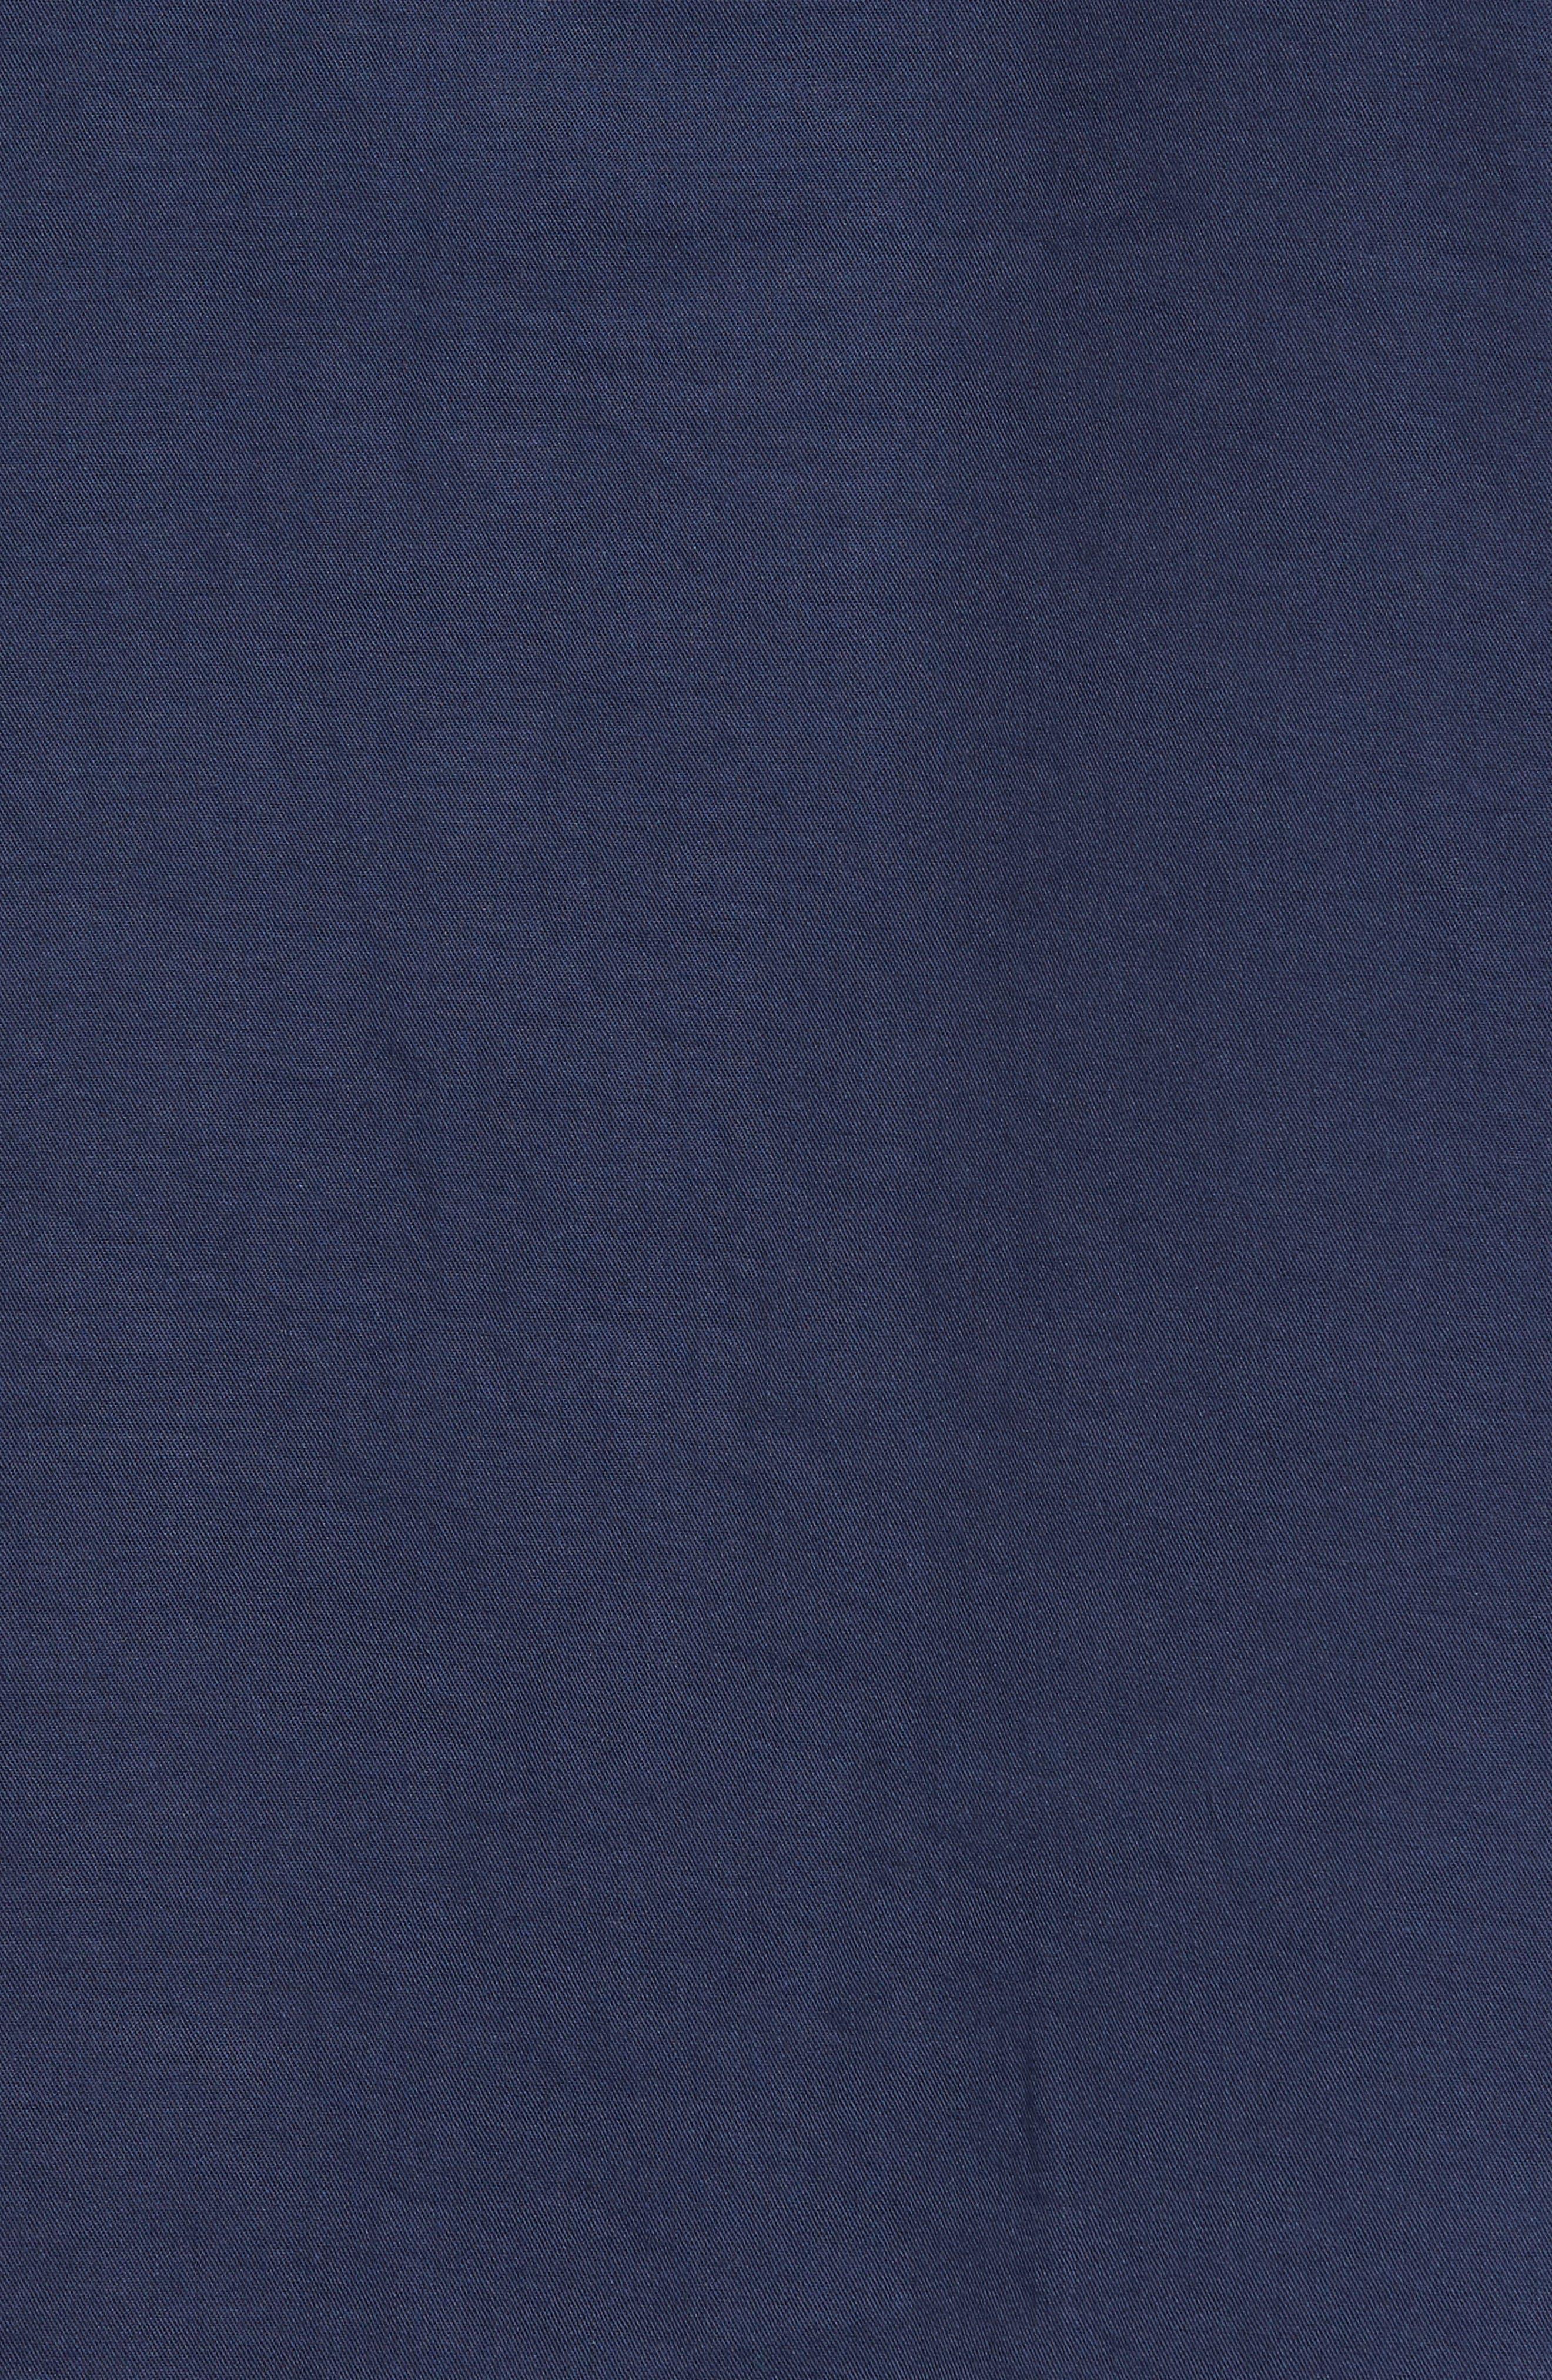 Blackstone Shirt Jacket,                             Alternate thumbnail 6, color,                             400